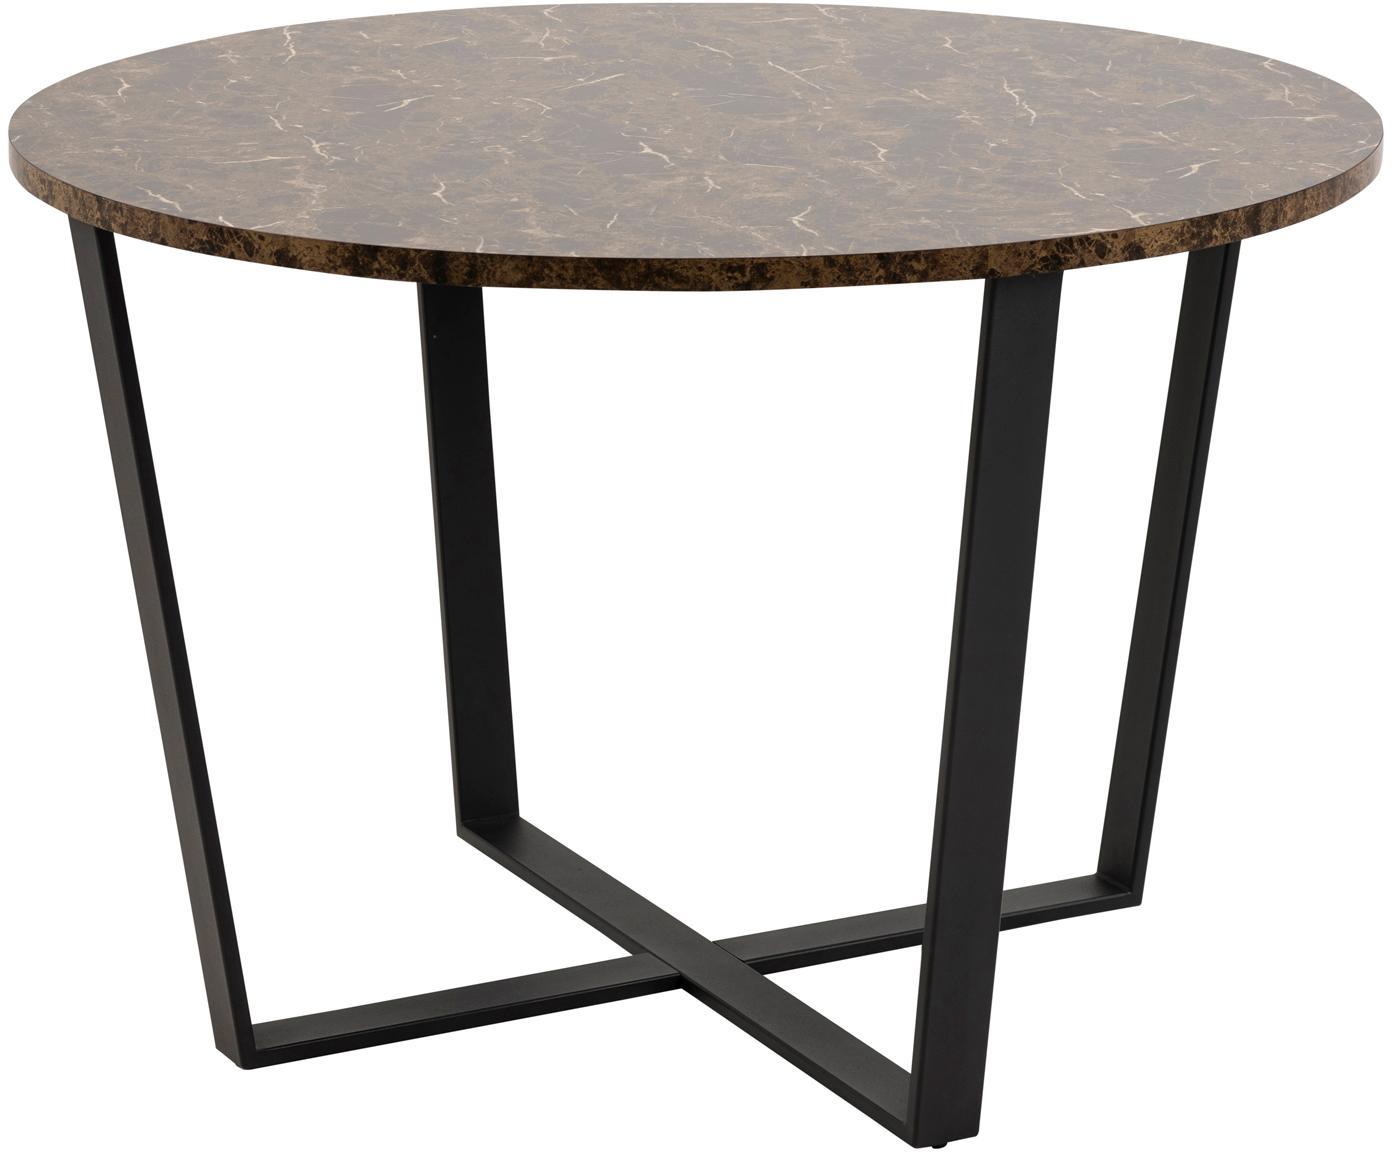 Okrągły stół do jadalni z blatem imitującym marmur Amble, Blat: płyta pilśniowa średniej , Brązowy, marmurowy, czarny, Ø 110 x W 75 cm